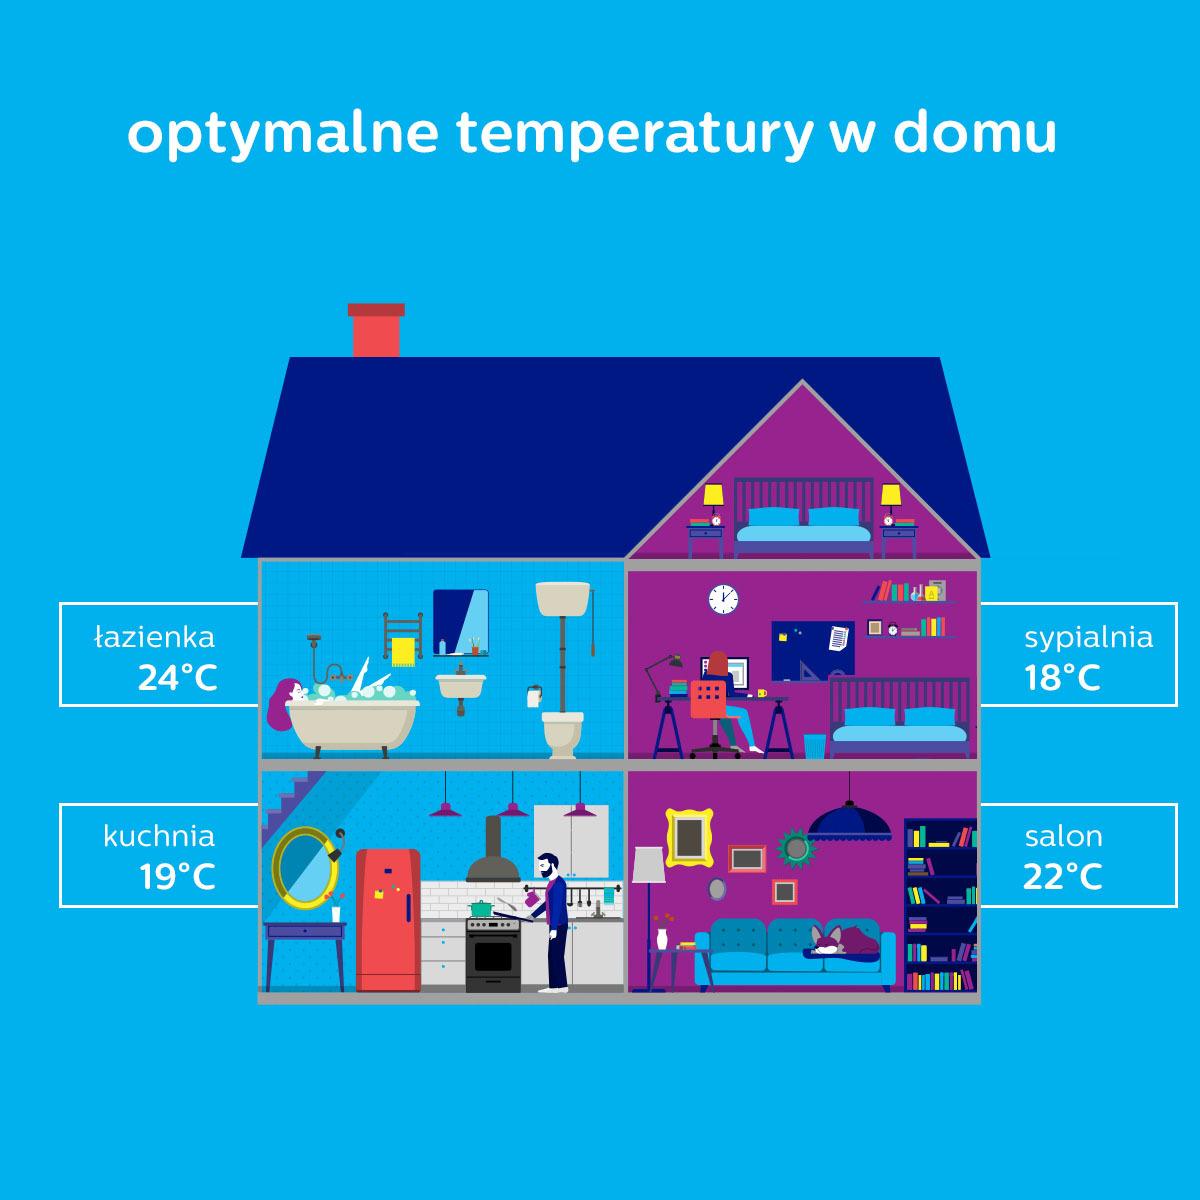 Optymalna temperatura w pomieszczeniach